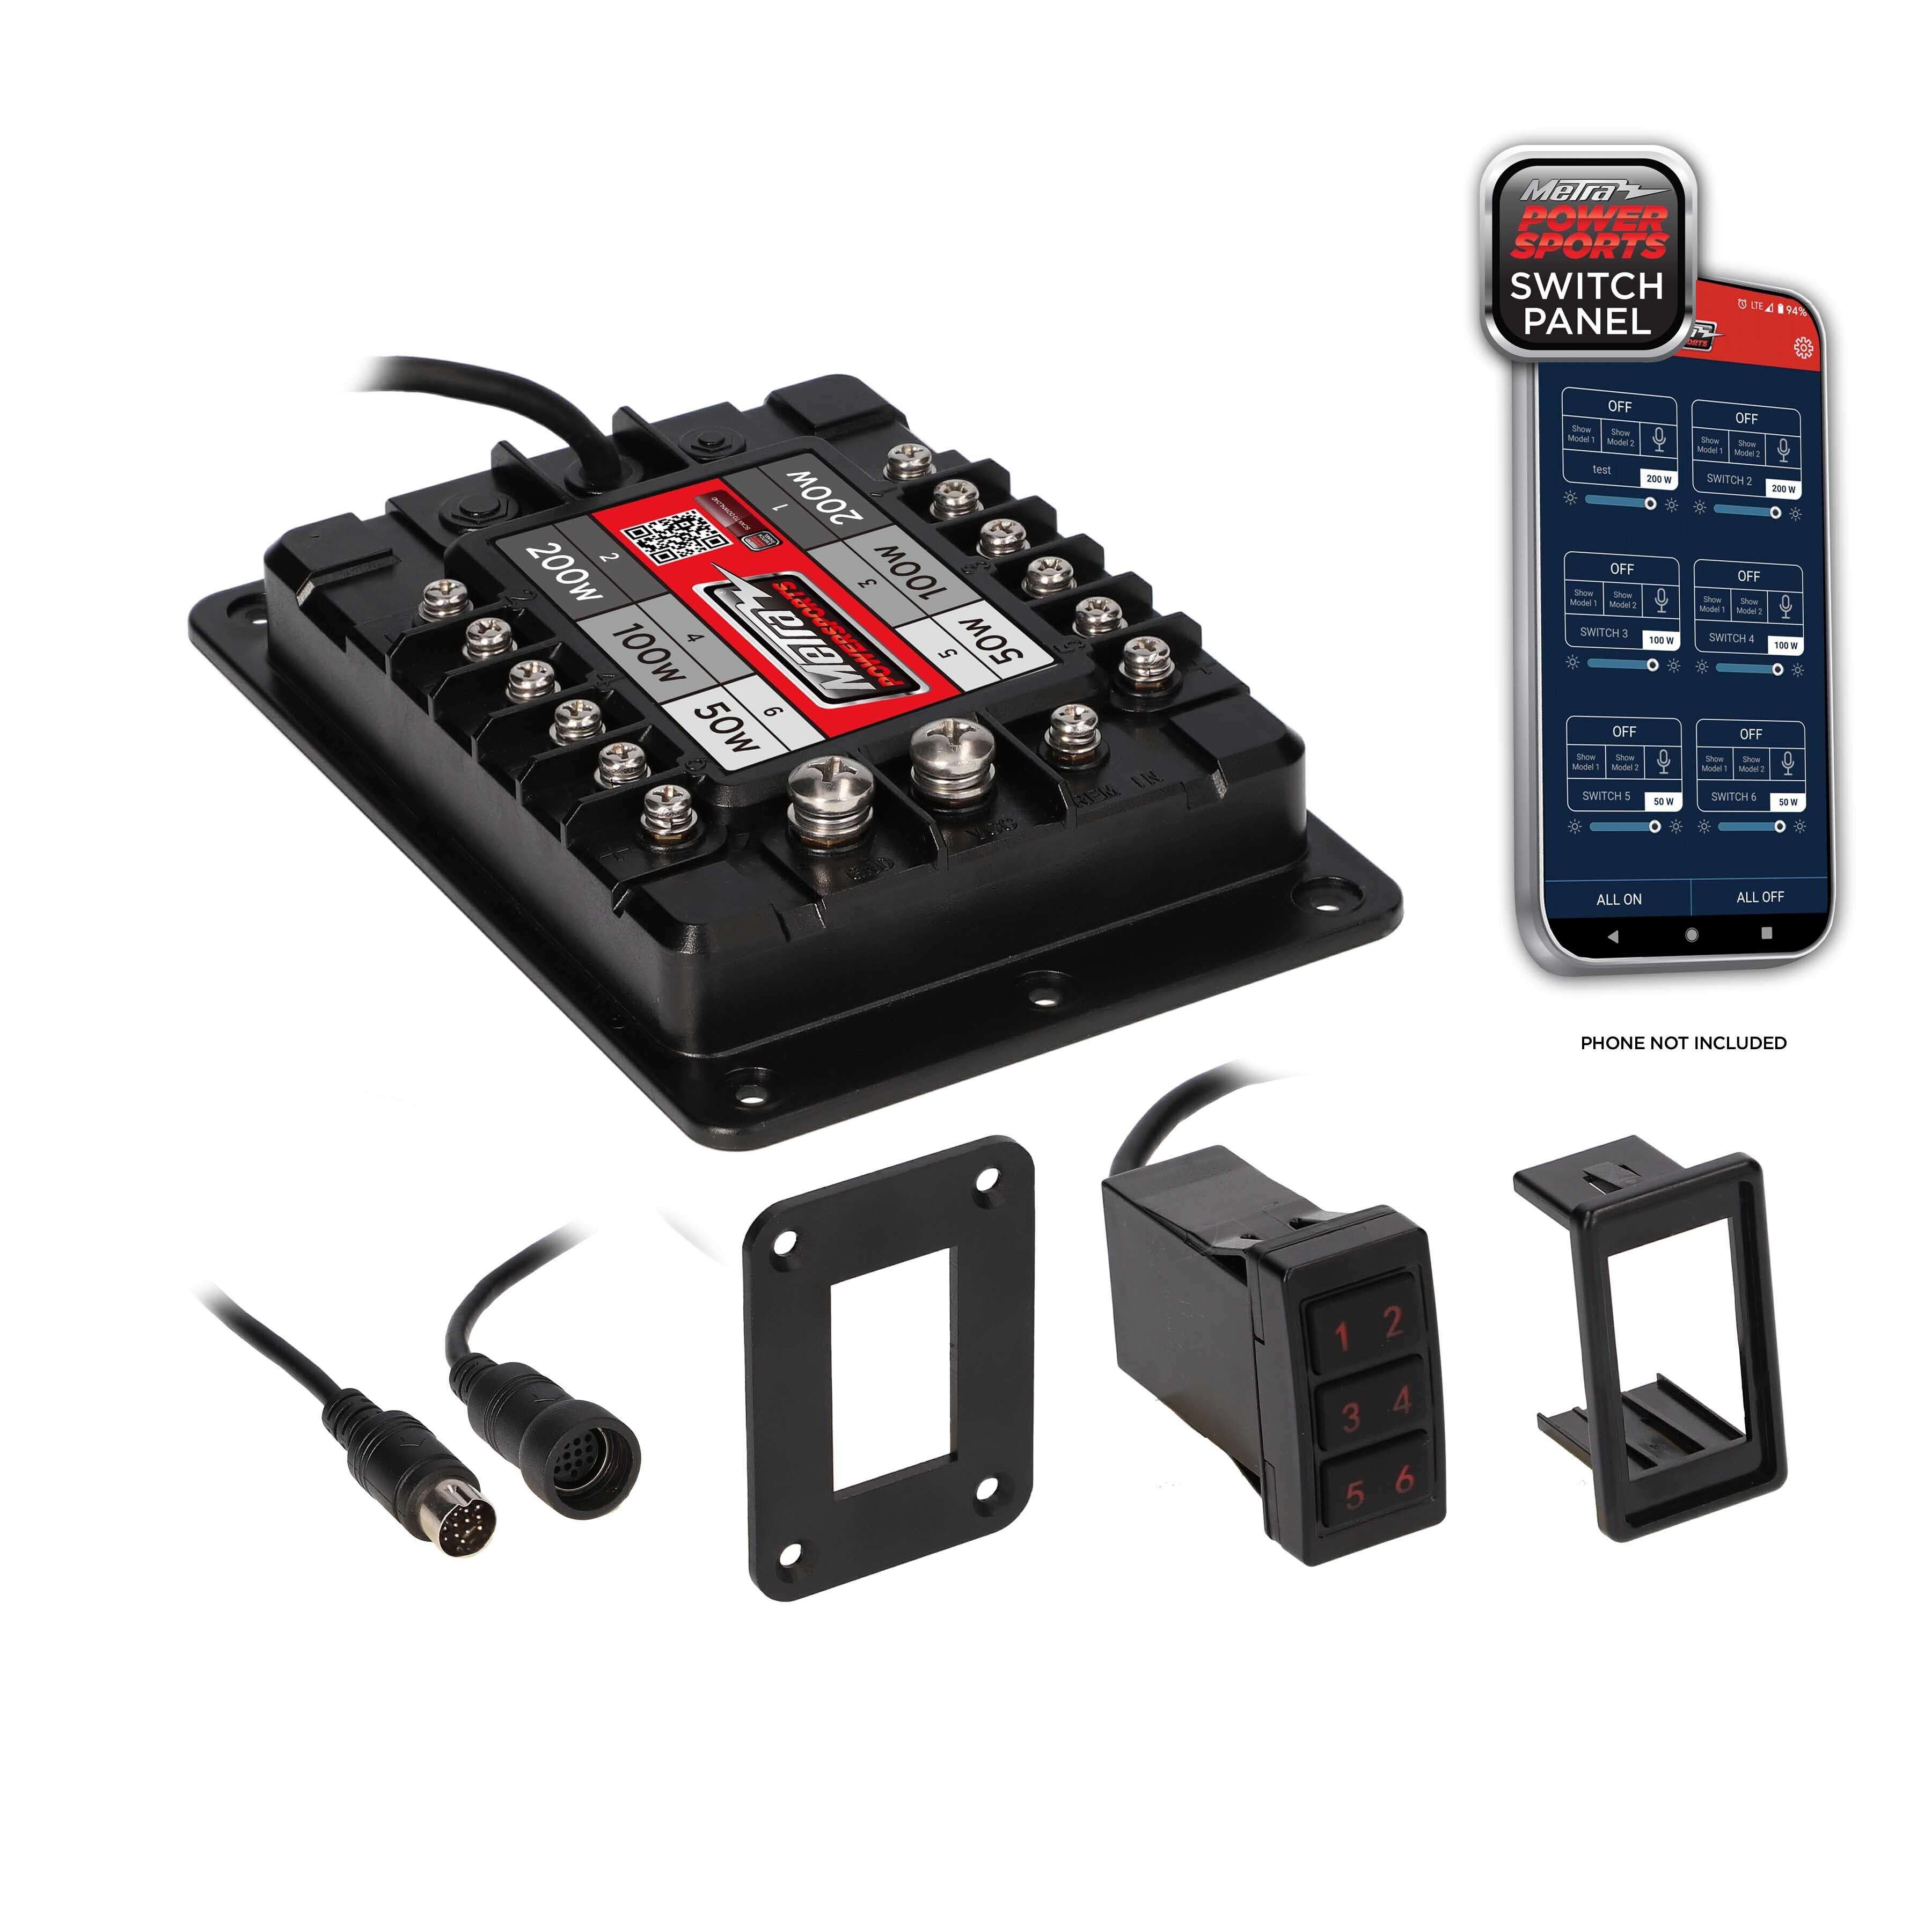 700 Watt 6 Zone Switch Panel